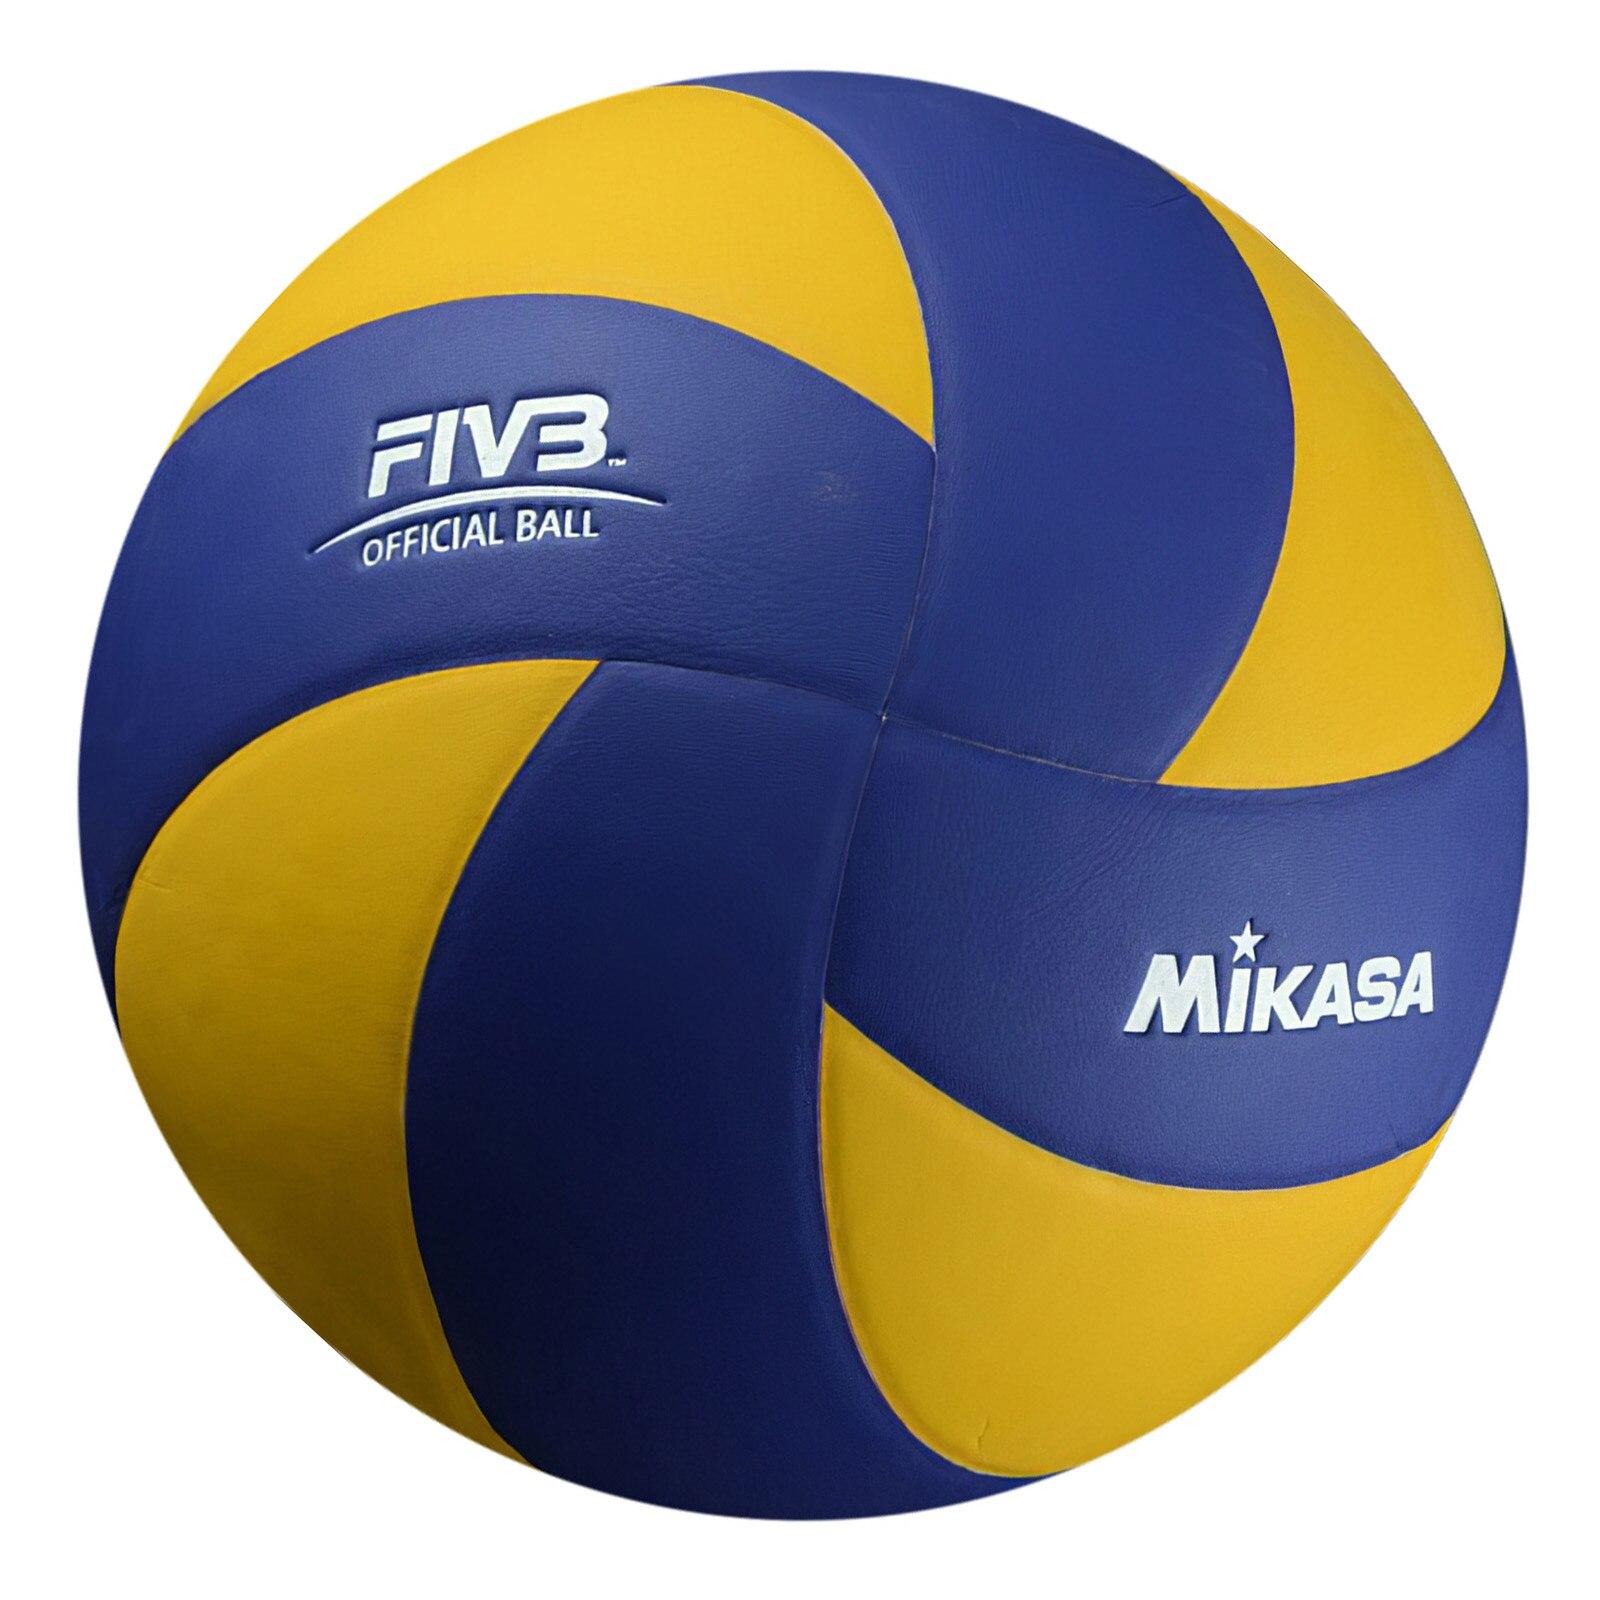 Оригинальный Волейбольный мяч Mikasa MVA380K5 из ПУ Супер жесткого волокна фирменный тренировочный мяч FIVB официальный волейбол